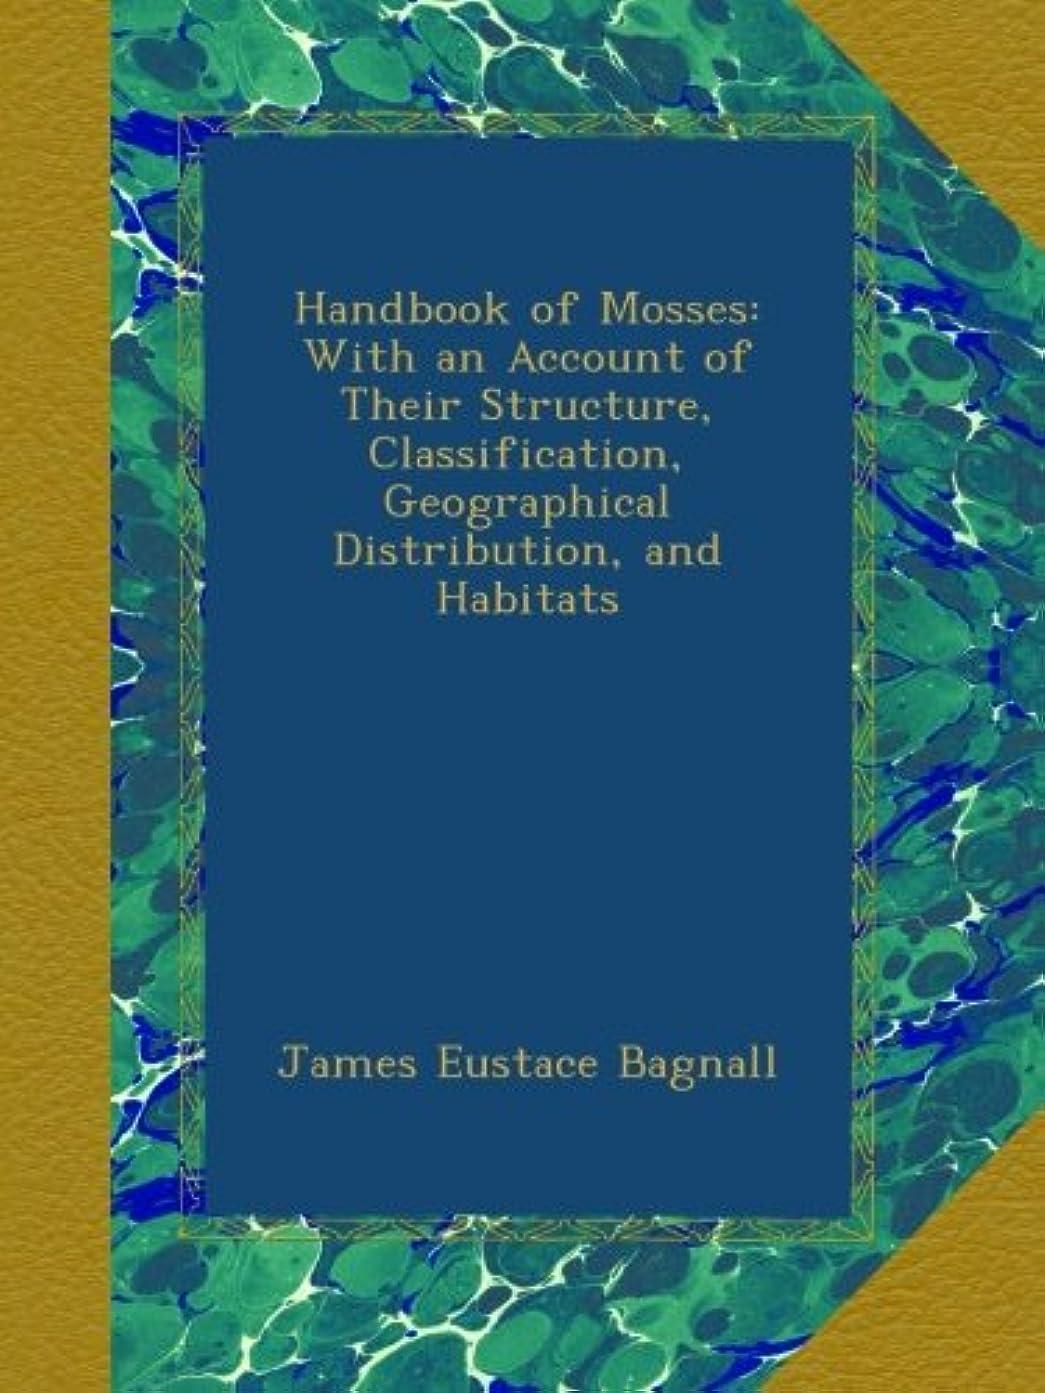 バランスのとれた贅沢貫通Handbook of Mosses: With an Account of Their Structure, Classification, Geographical Distribution, and Habitats